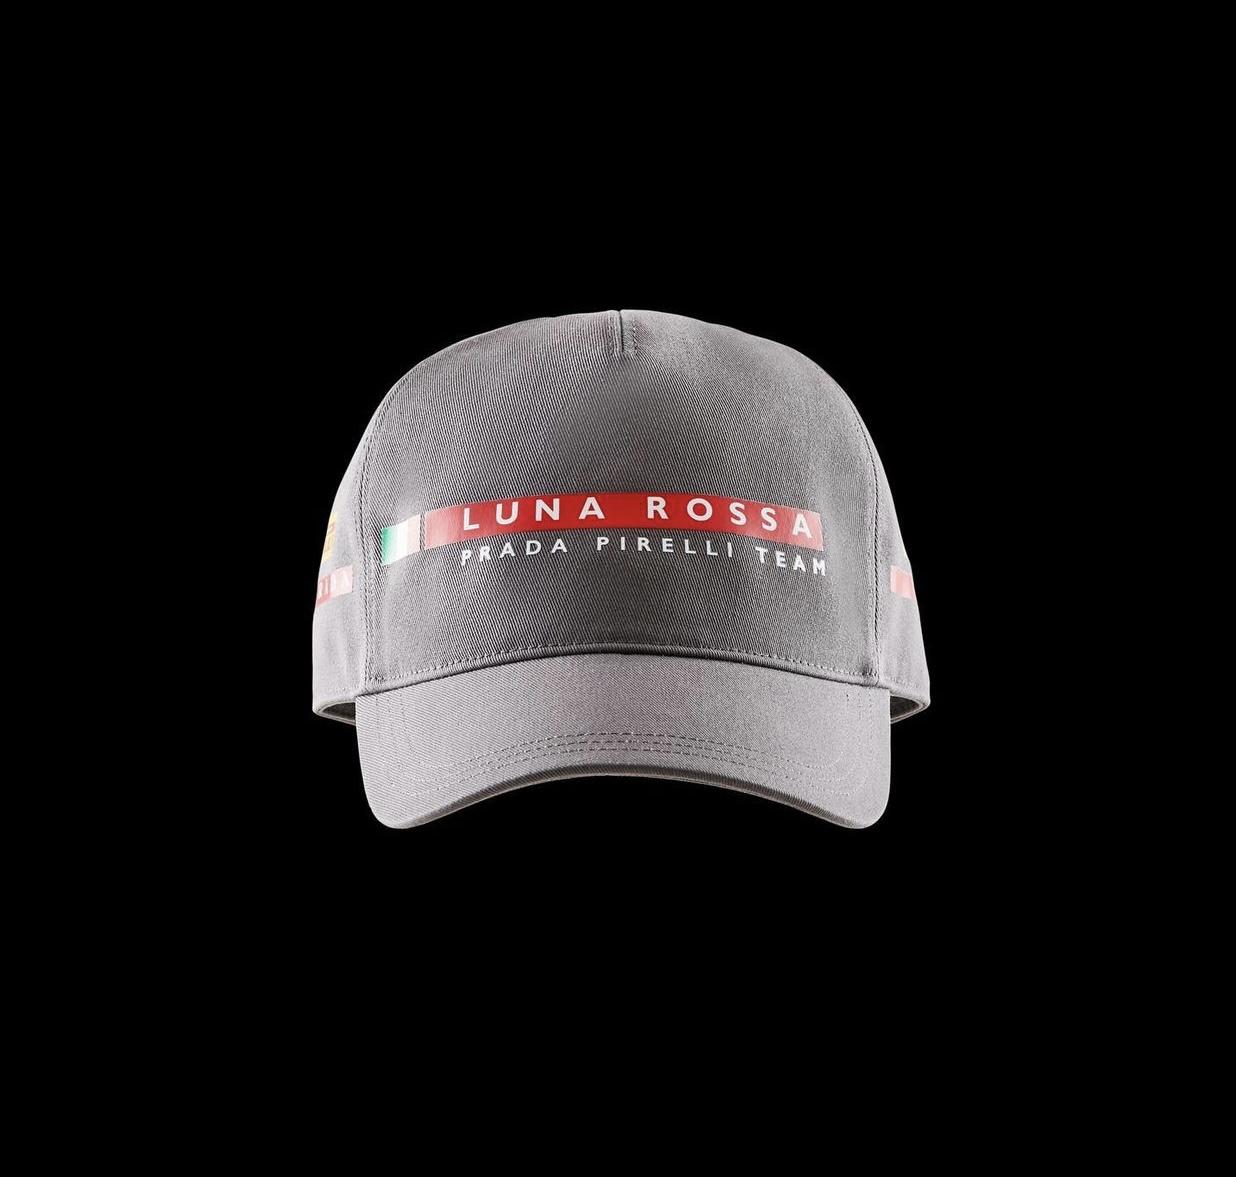 Prada cappello baseball Luna rossa grigio